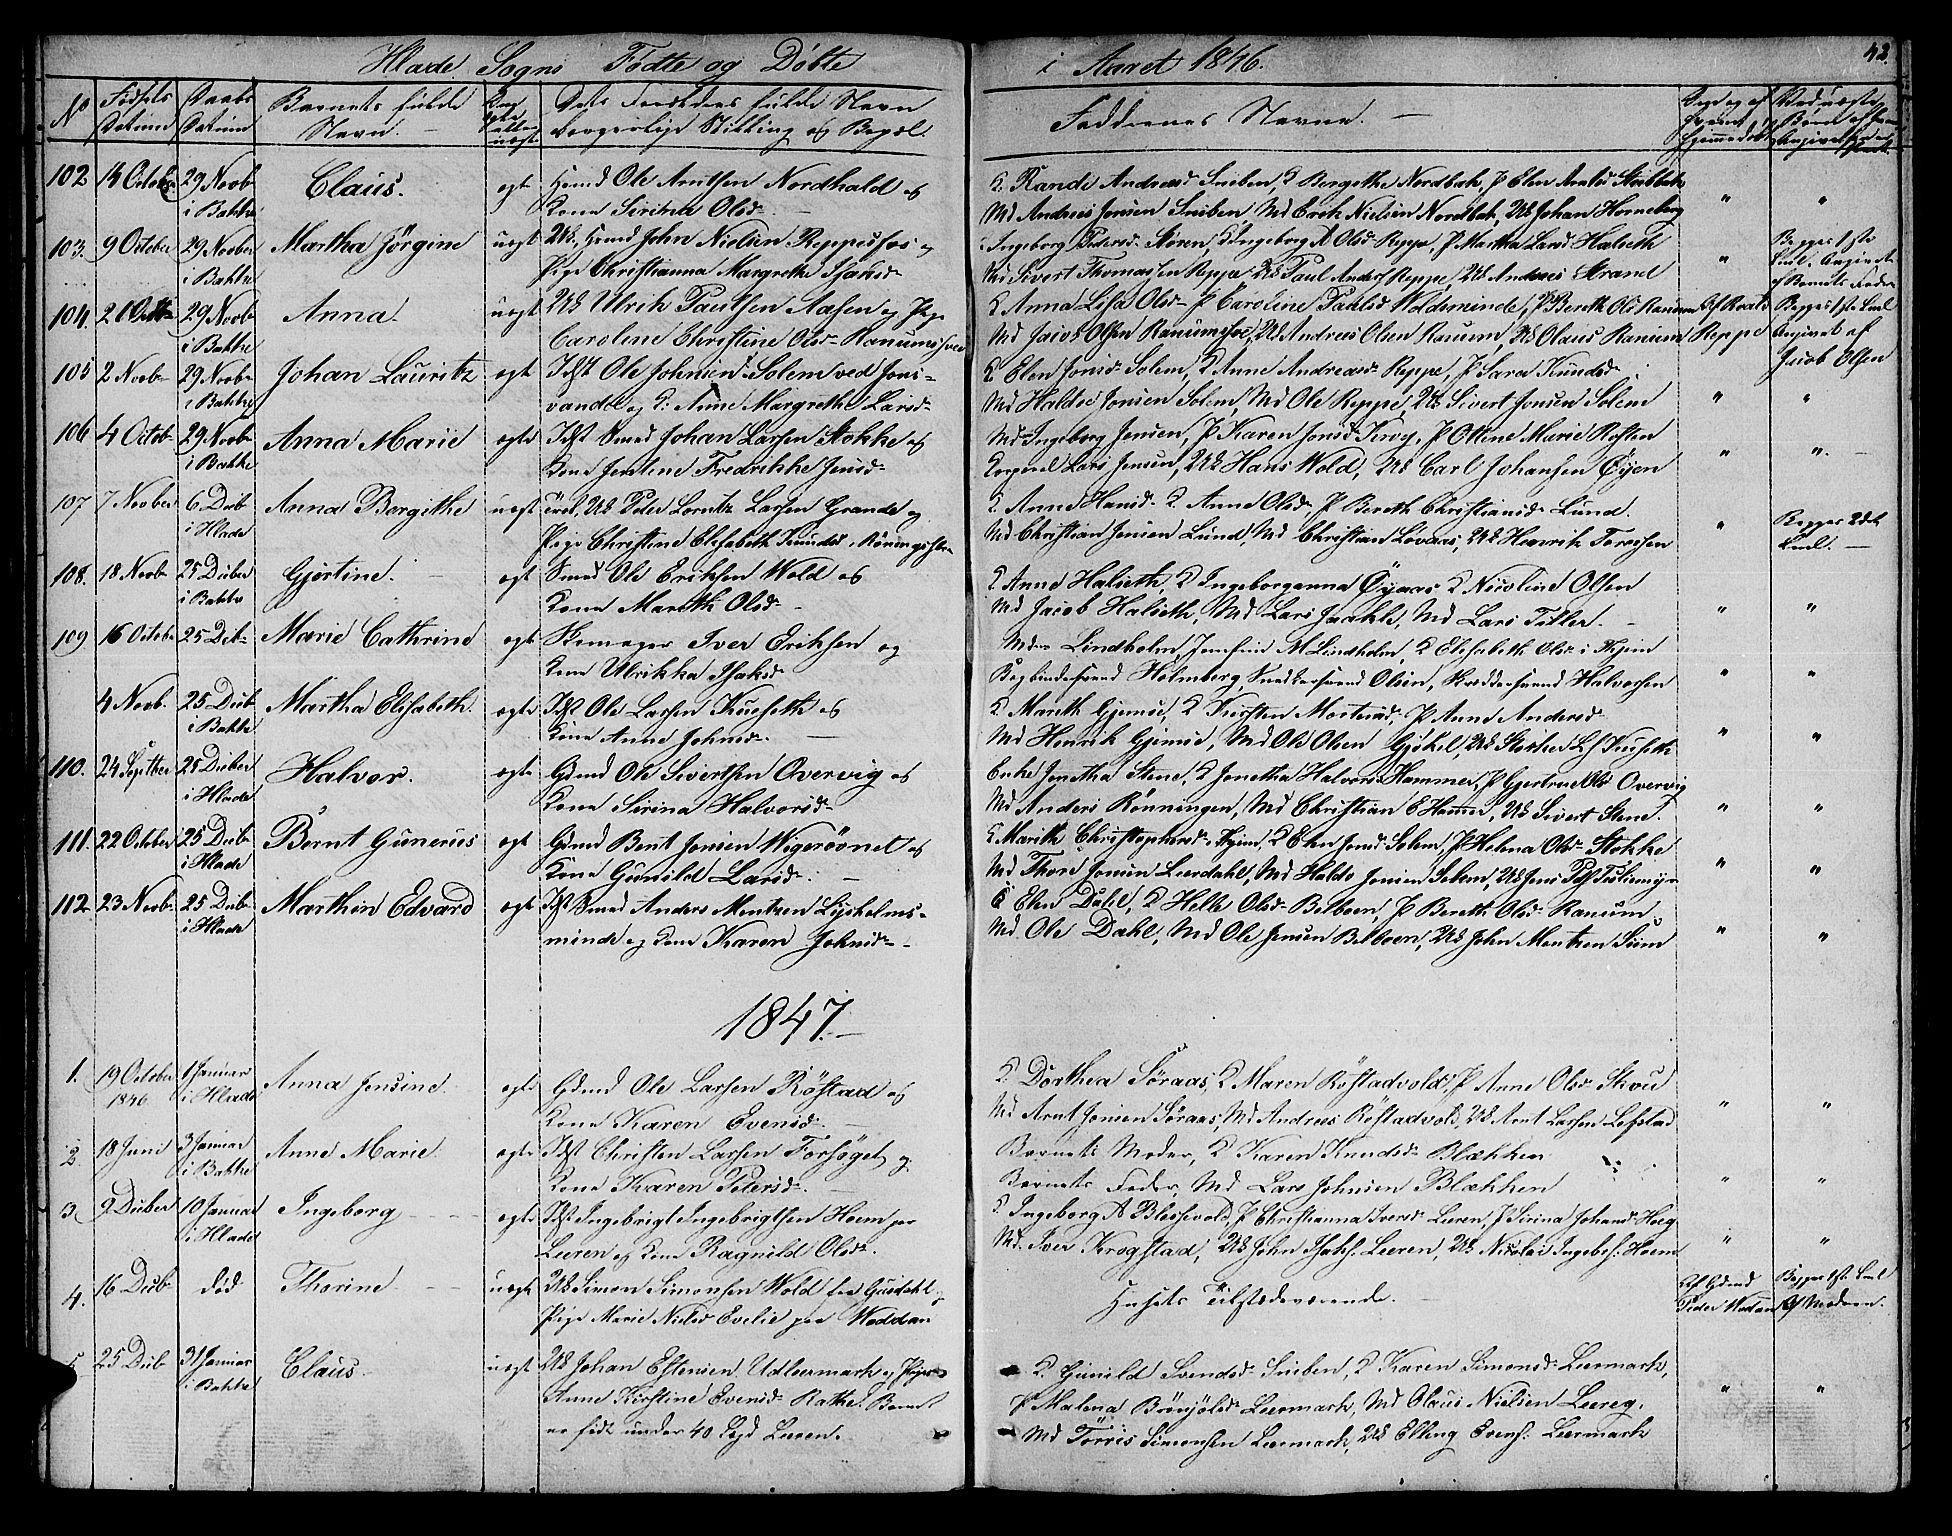 SAT, Ministerialprotokoller, klokkerbøker og fødselsregistre - Sør-Trøndelag, 606/L0309: Klokkerbok nr. 606C05, 1841-1849, s. 42